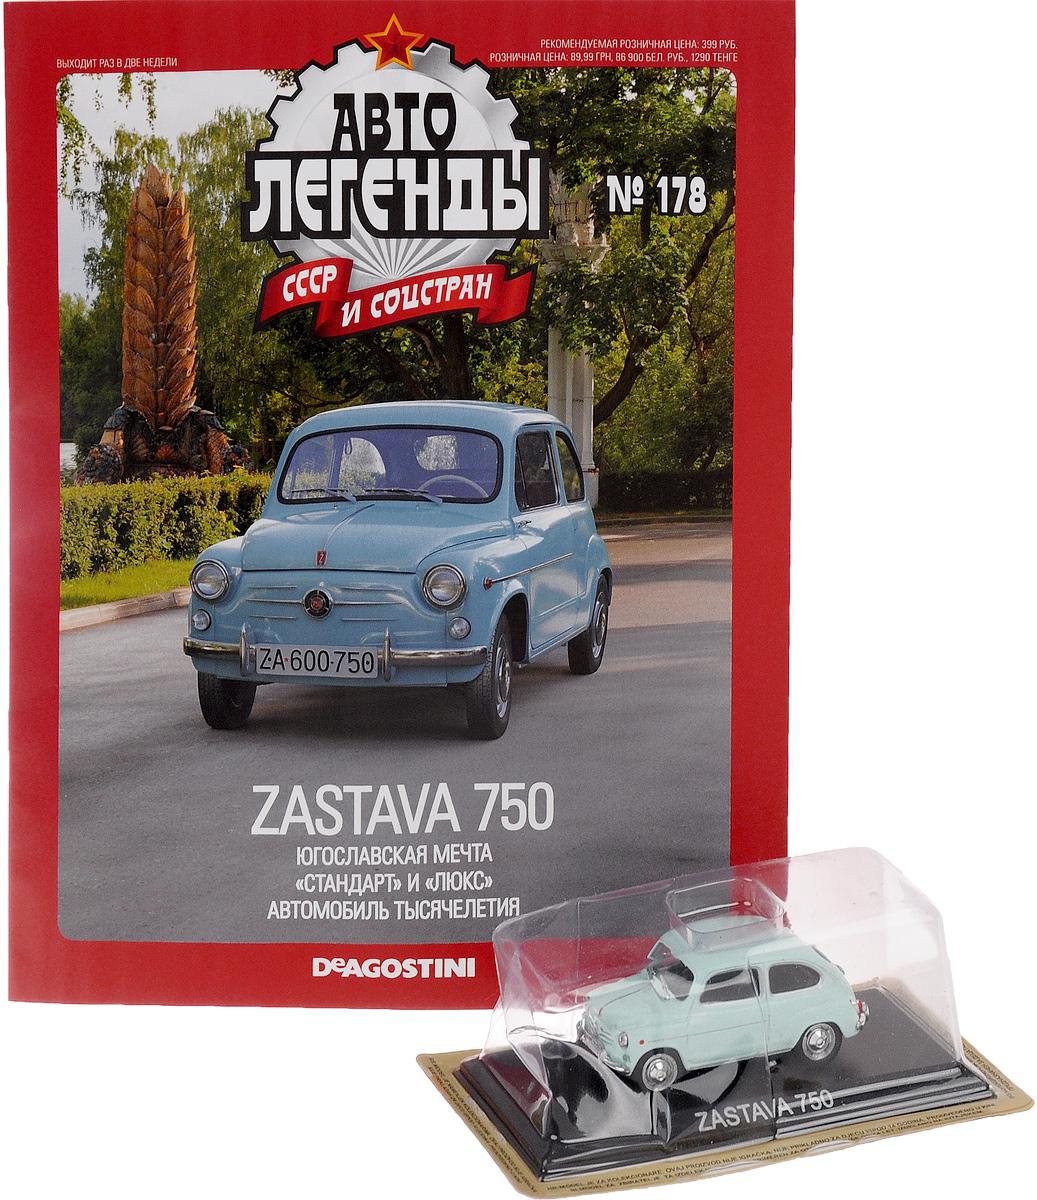 Журнал Авто легенды СССР №178RC178В данной серии вы познакомитесь с историей советского автомобилестроения, узнаете, как создавались отечественные машины. Многих героев издания теперь можно встретить только в музеях. Другие, несмотря на почтенный возраст, до сих пор исправно служат своим хозяевам. В журнале вы узнаете, как советские конструкторы создавали автомобили, тщательно изучая опыт зарубежных коллег, воплощая их наиболее удачные находки в своих детищах. А особые ценители смогут ознакомиться с подробными техническими характеристиками и биографией отдельных моделей и их создателей. С каждым номером читатели журнала Авто легенды СССР получают миниатюрный автомобиль. Маленькие, но удивительно точные копии с оригинала помогут вам открыть для себя увлекательный мир автомобилей в стиле ретро! В данный номер вошла модель-копия автомобиля ZASTAVA 750 масштаба 1/43. Размер модели: 7,5 см х 3 см х 3,5 см. Материал модели: металл, пластик. Категория 16+.